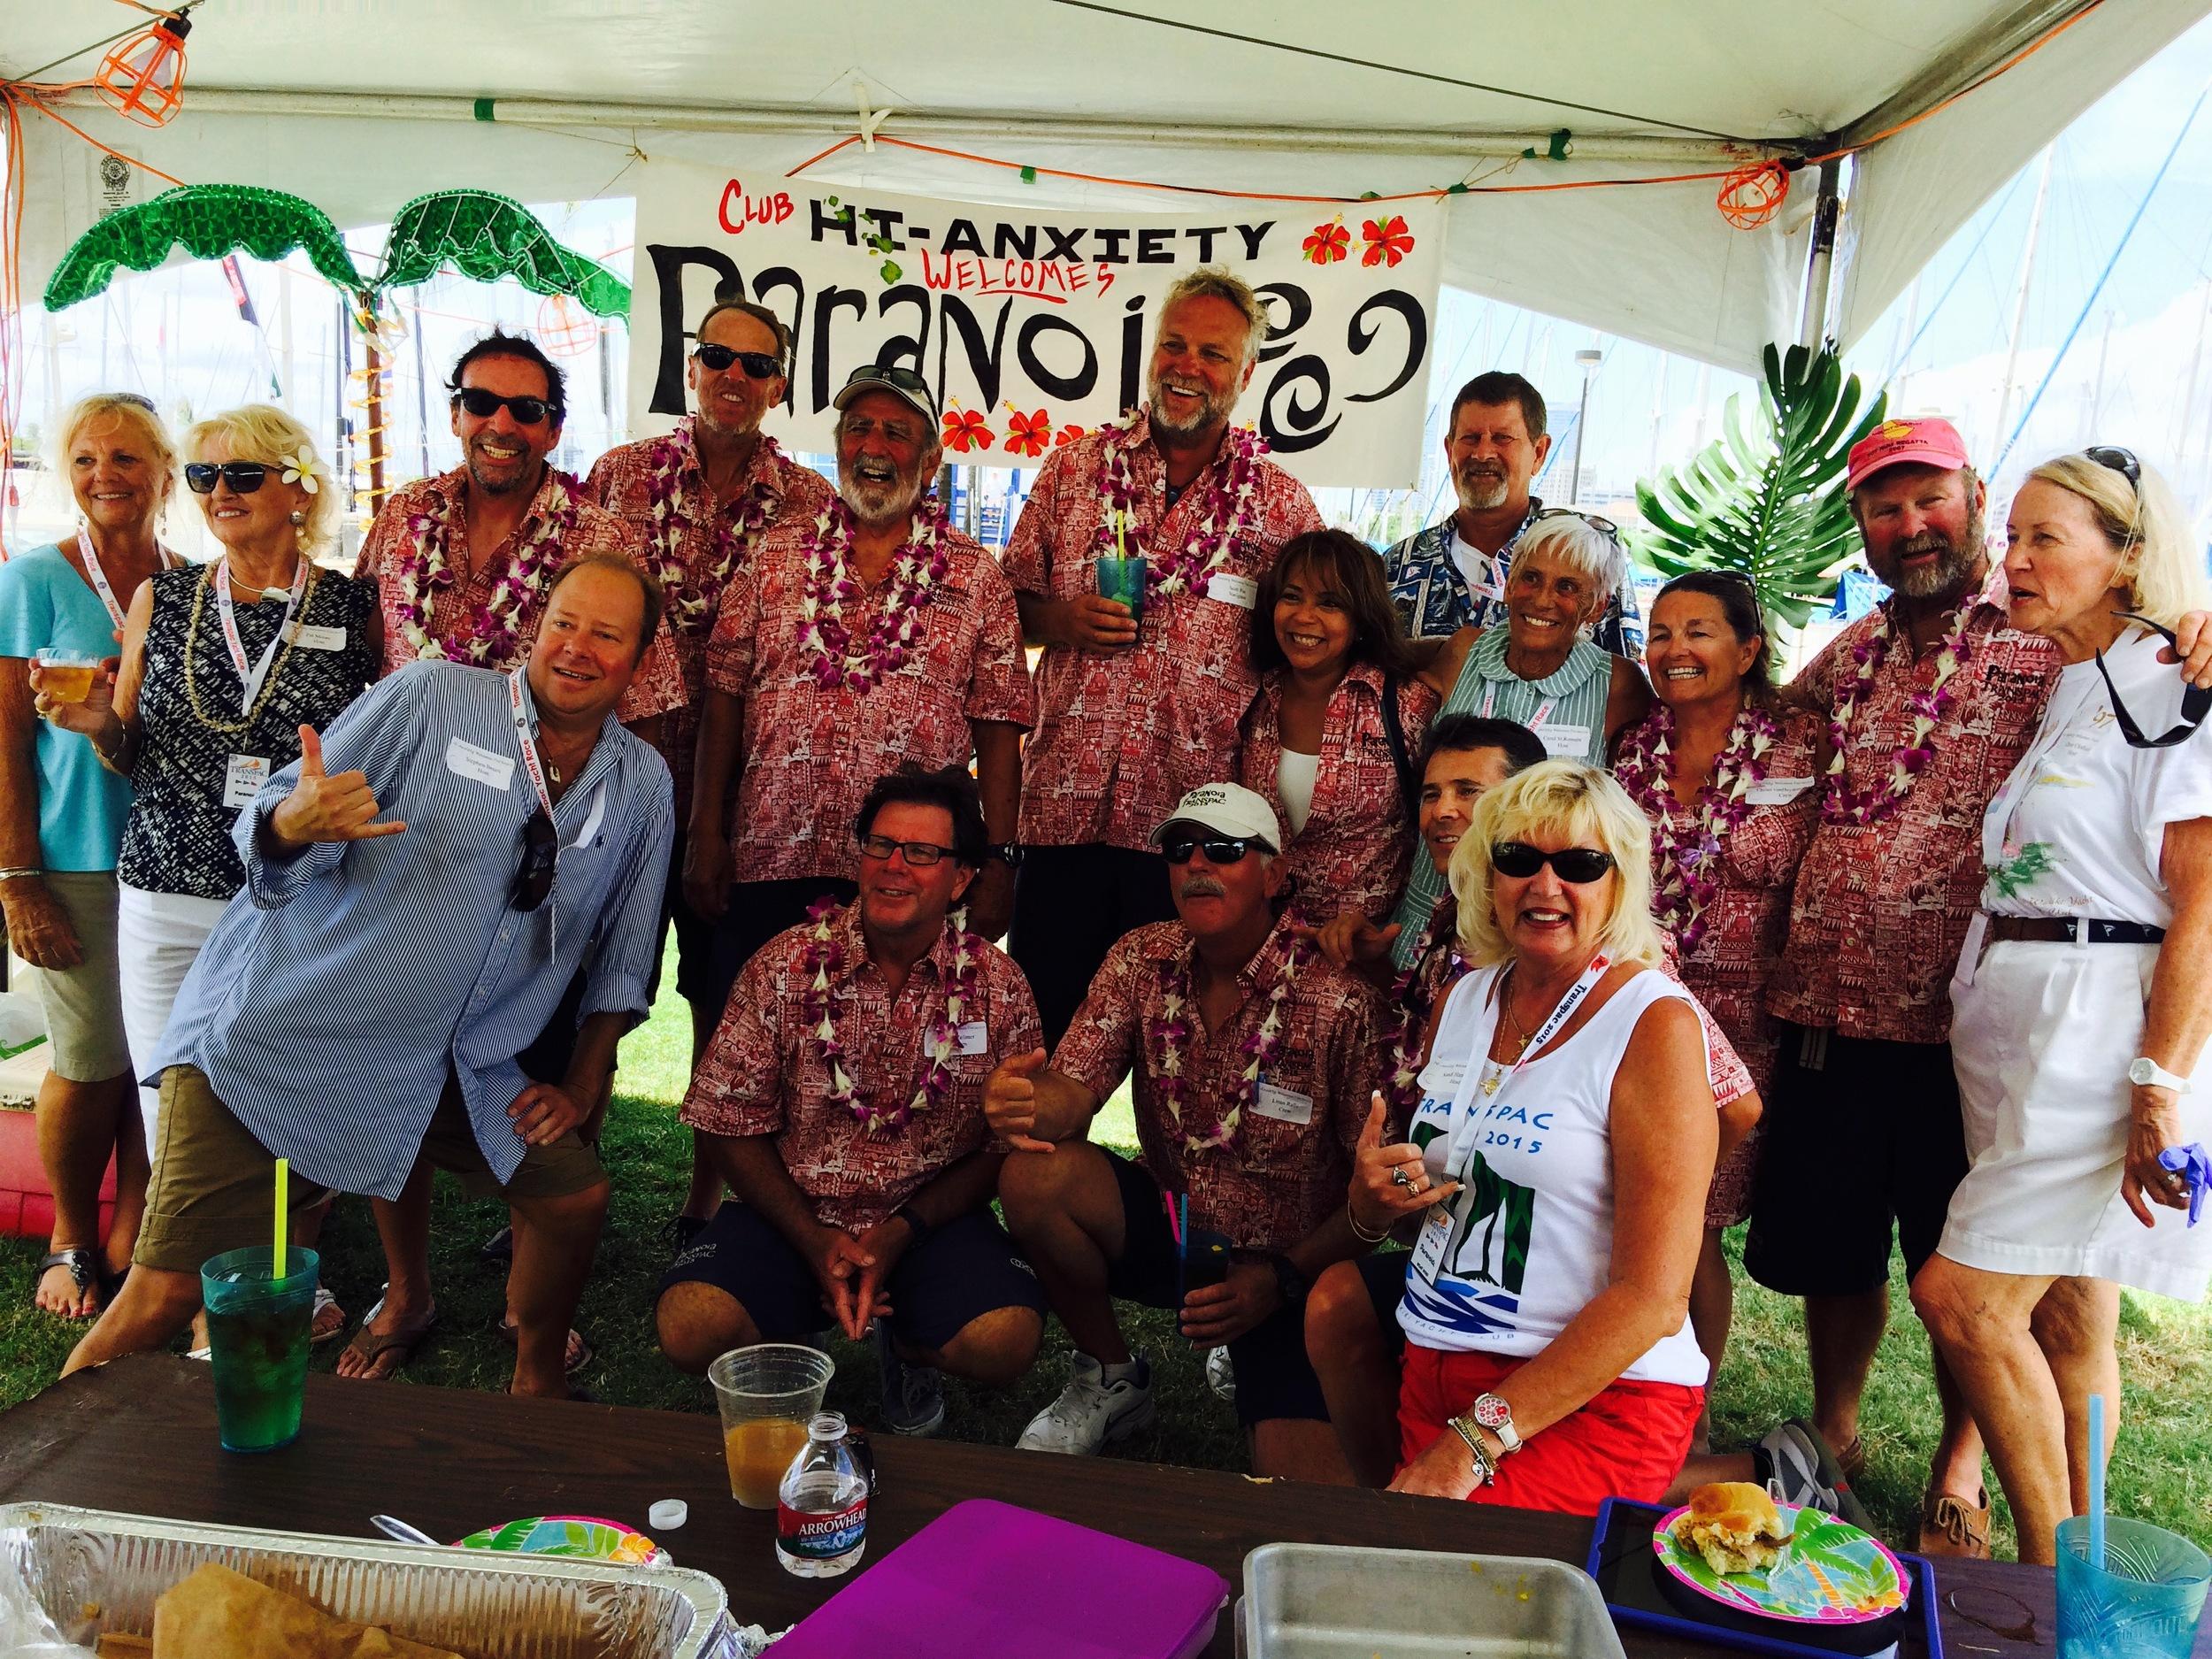 transpac race 2015 paranoia crew